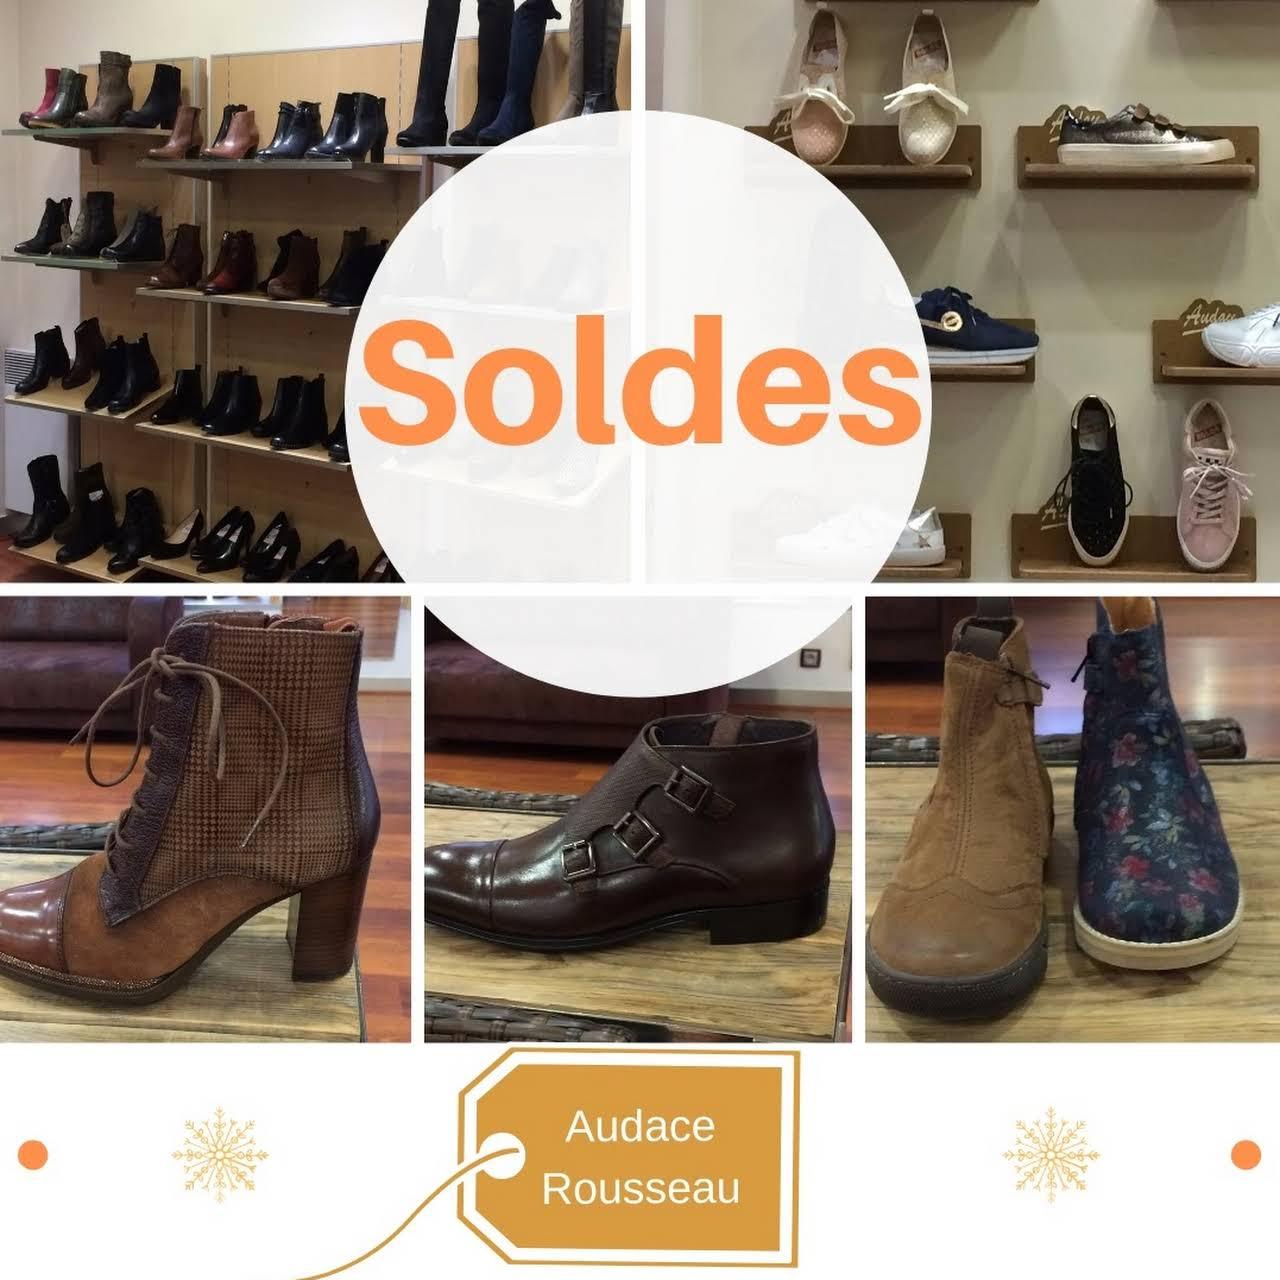 Magasin de chaussures à Alençon Audace chausseur